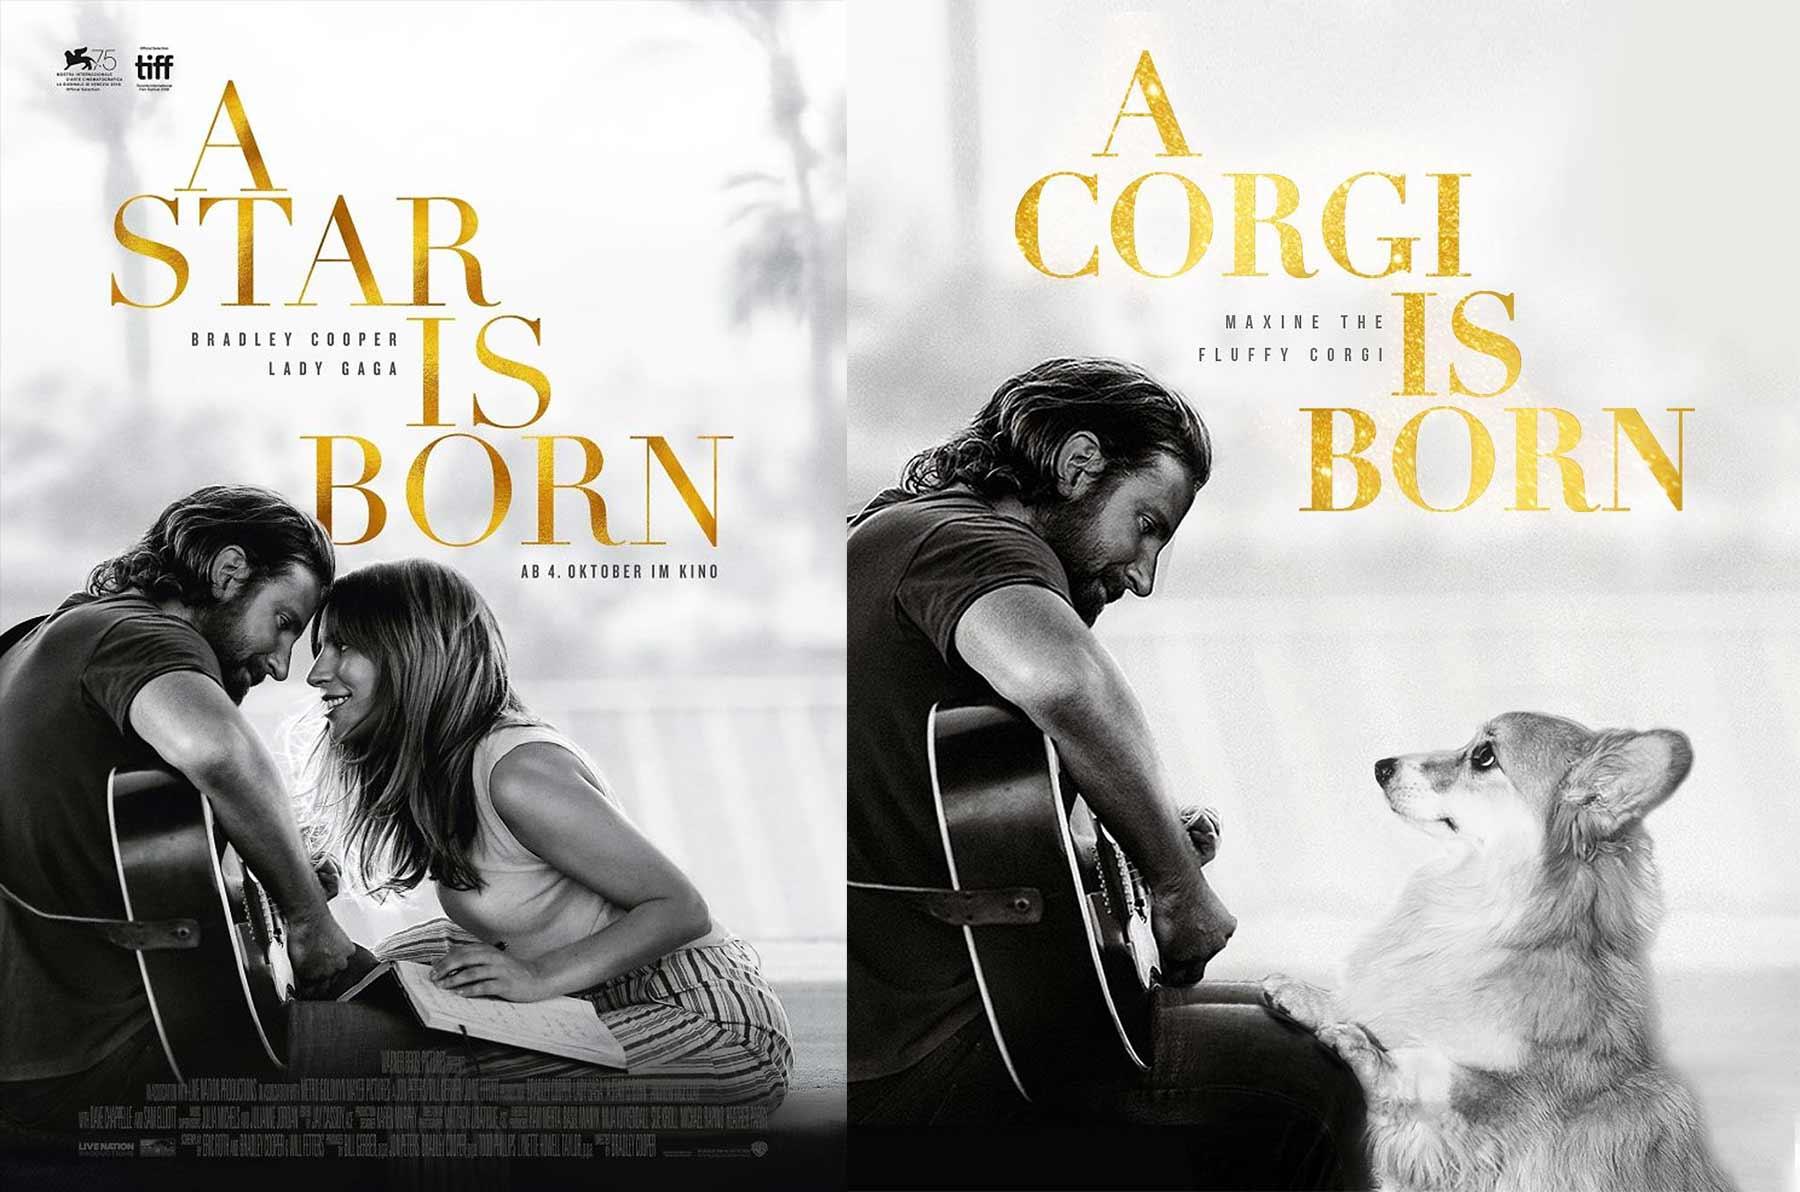 Bekannte Filmplakate mit Corgi verbessert